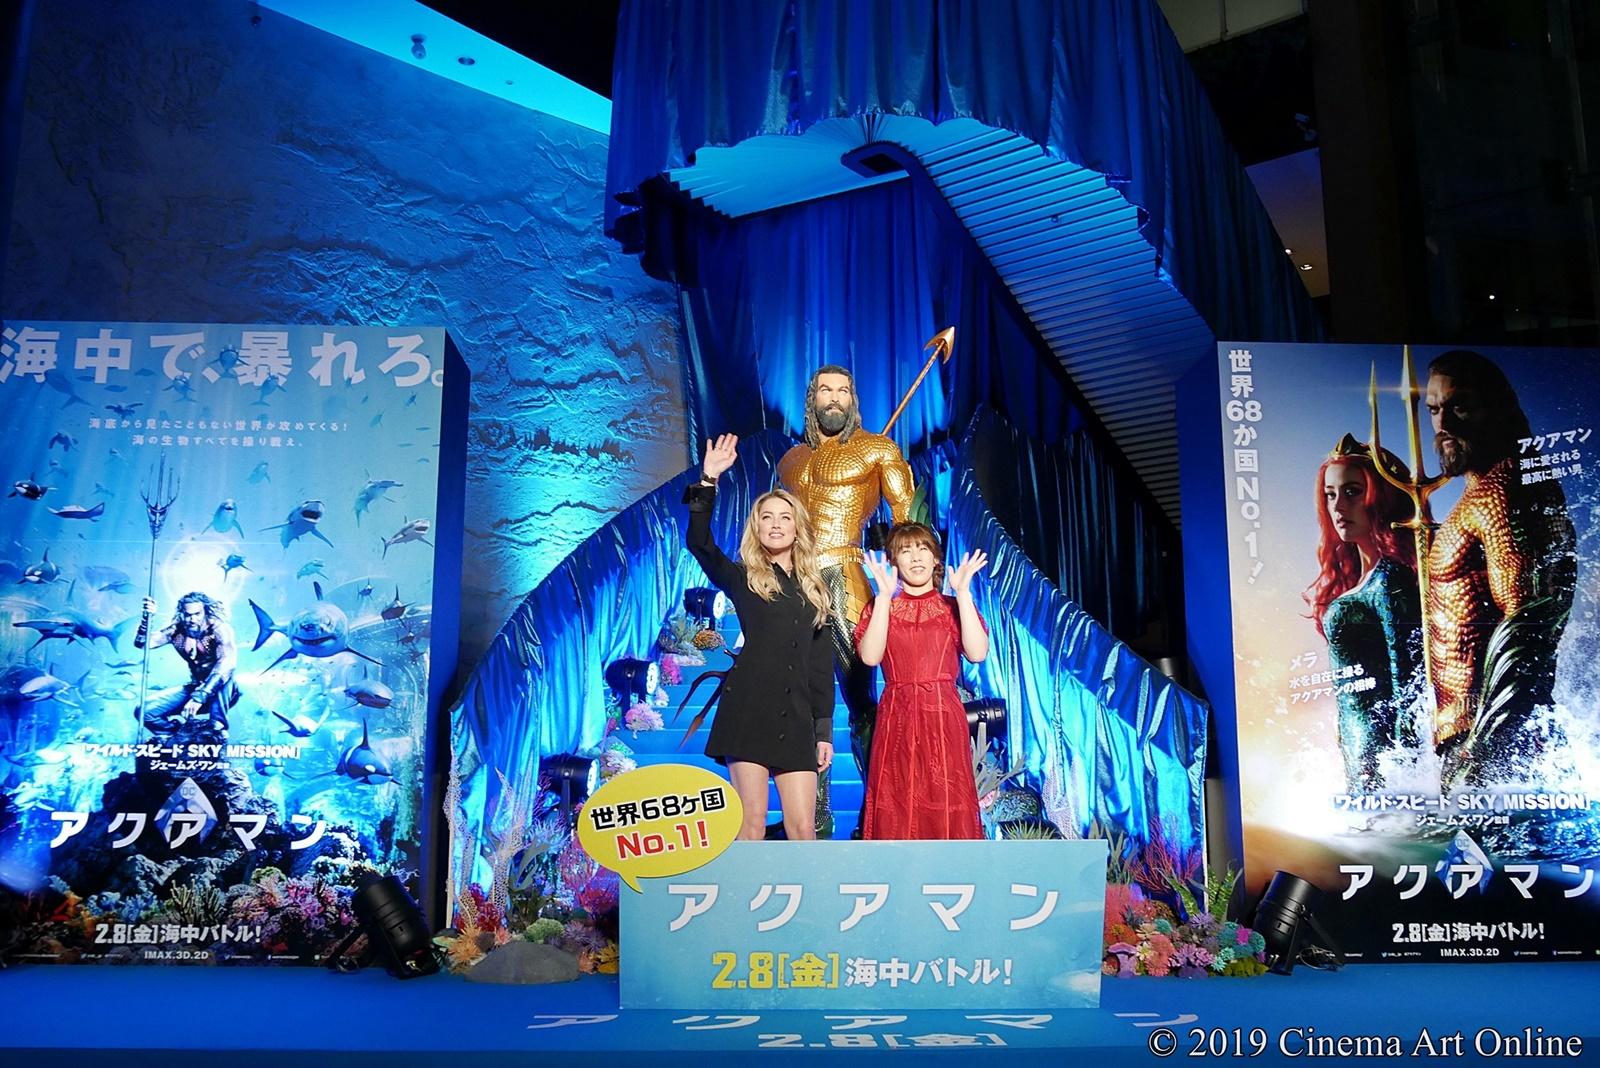 【写真】映画『アクアマン』アンバー・ハード来日スペシャルイベント (ブルーカーペット アンバー・ハード&吉田沙保里)